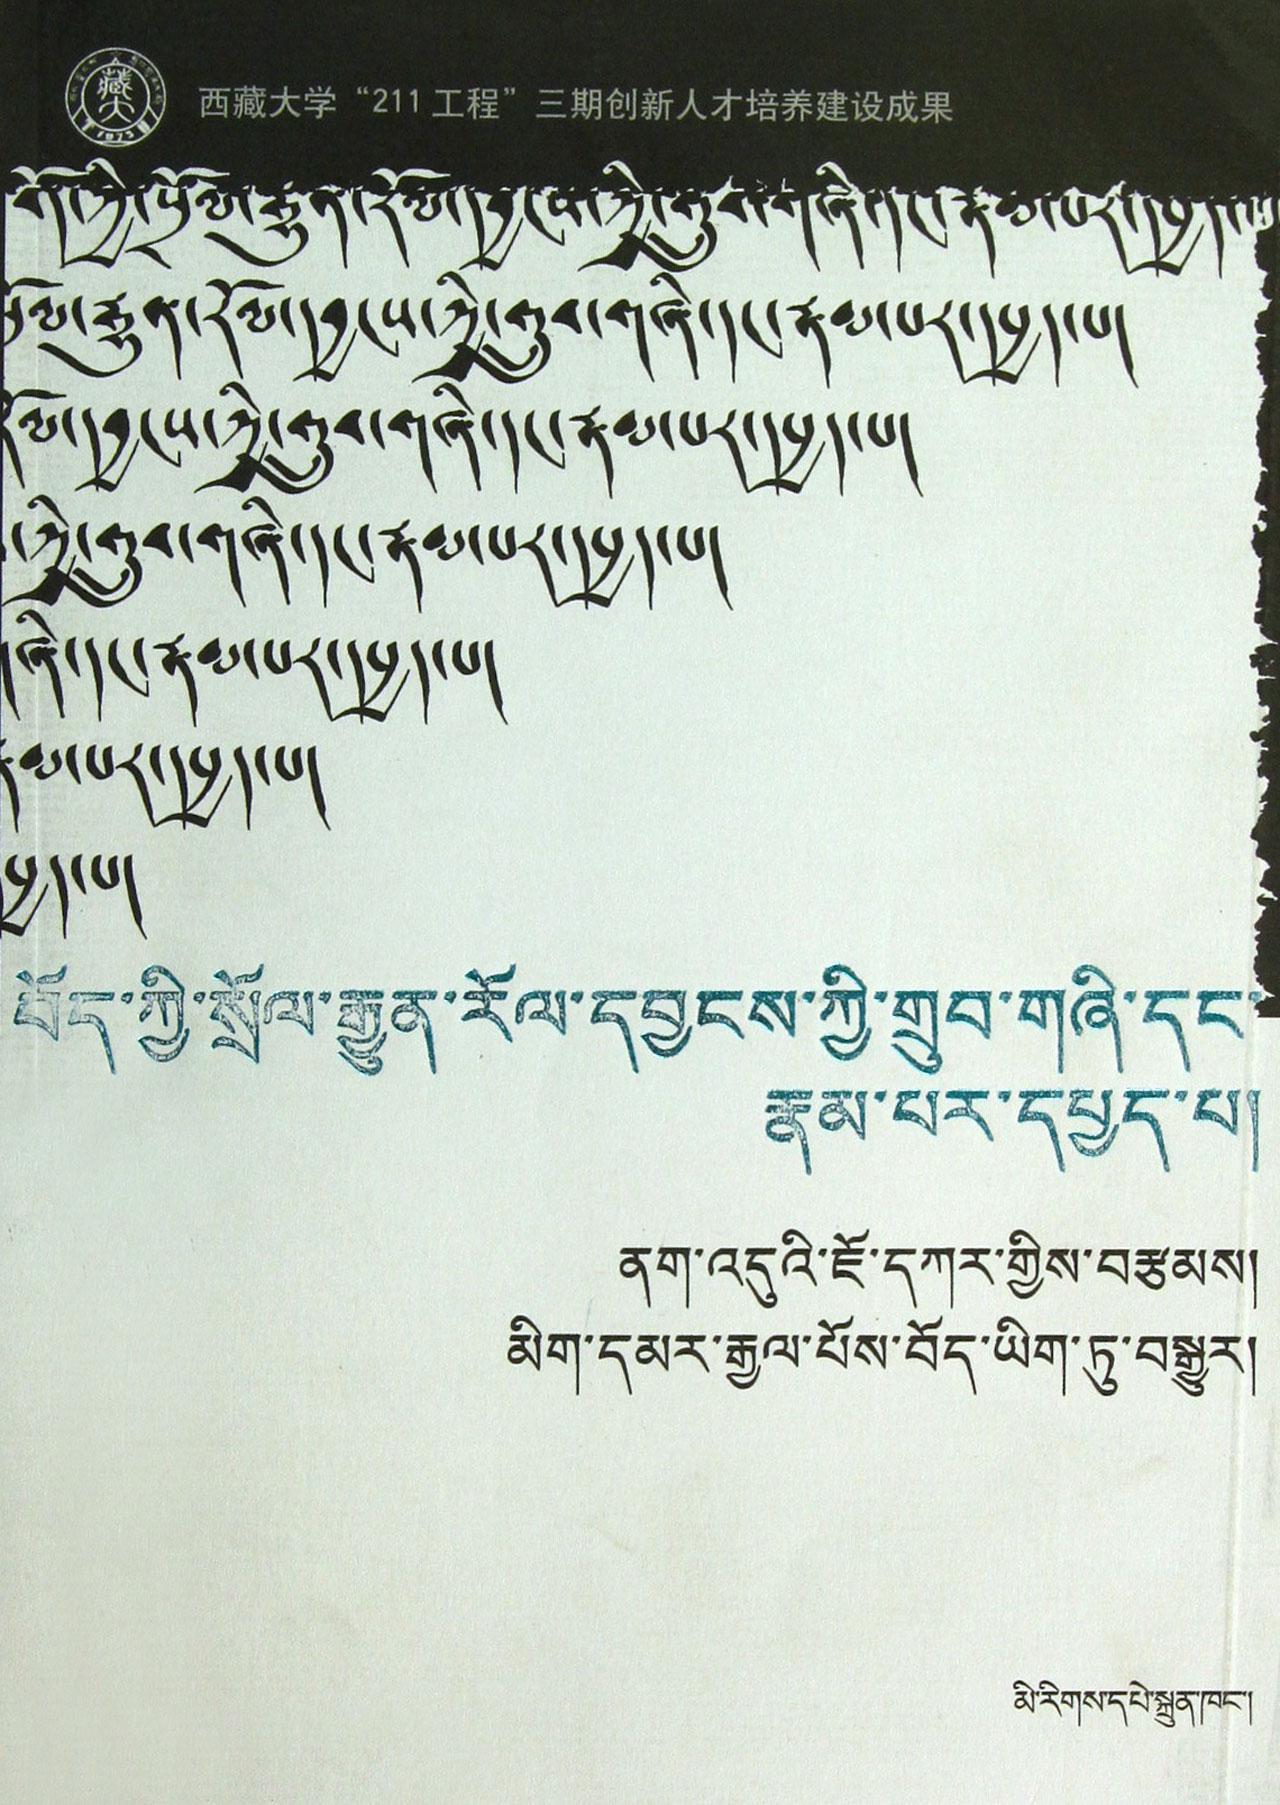 藏族传统音乐的结构形态研究(藏文版)